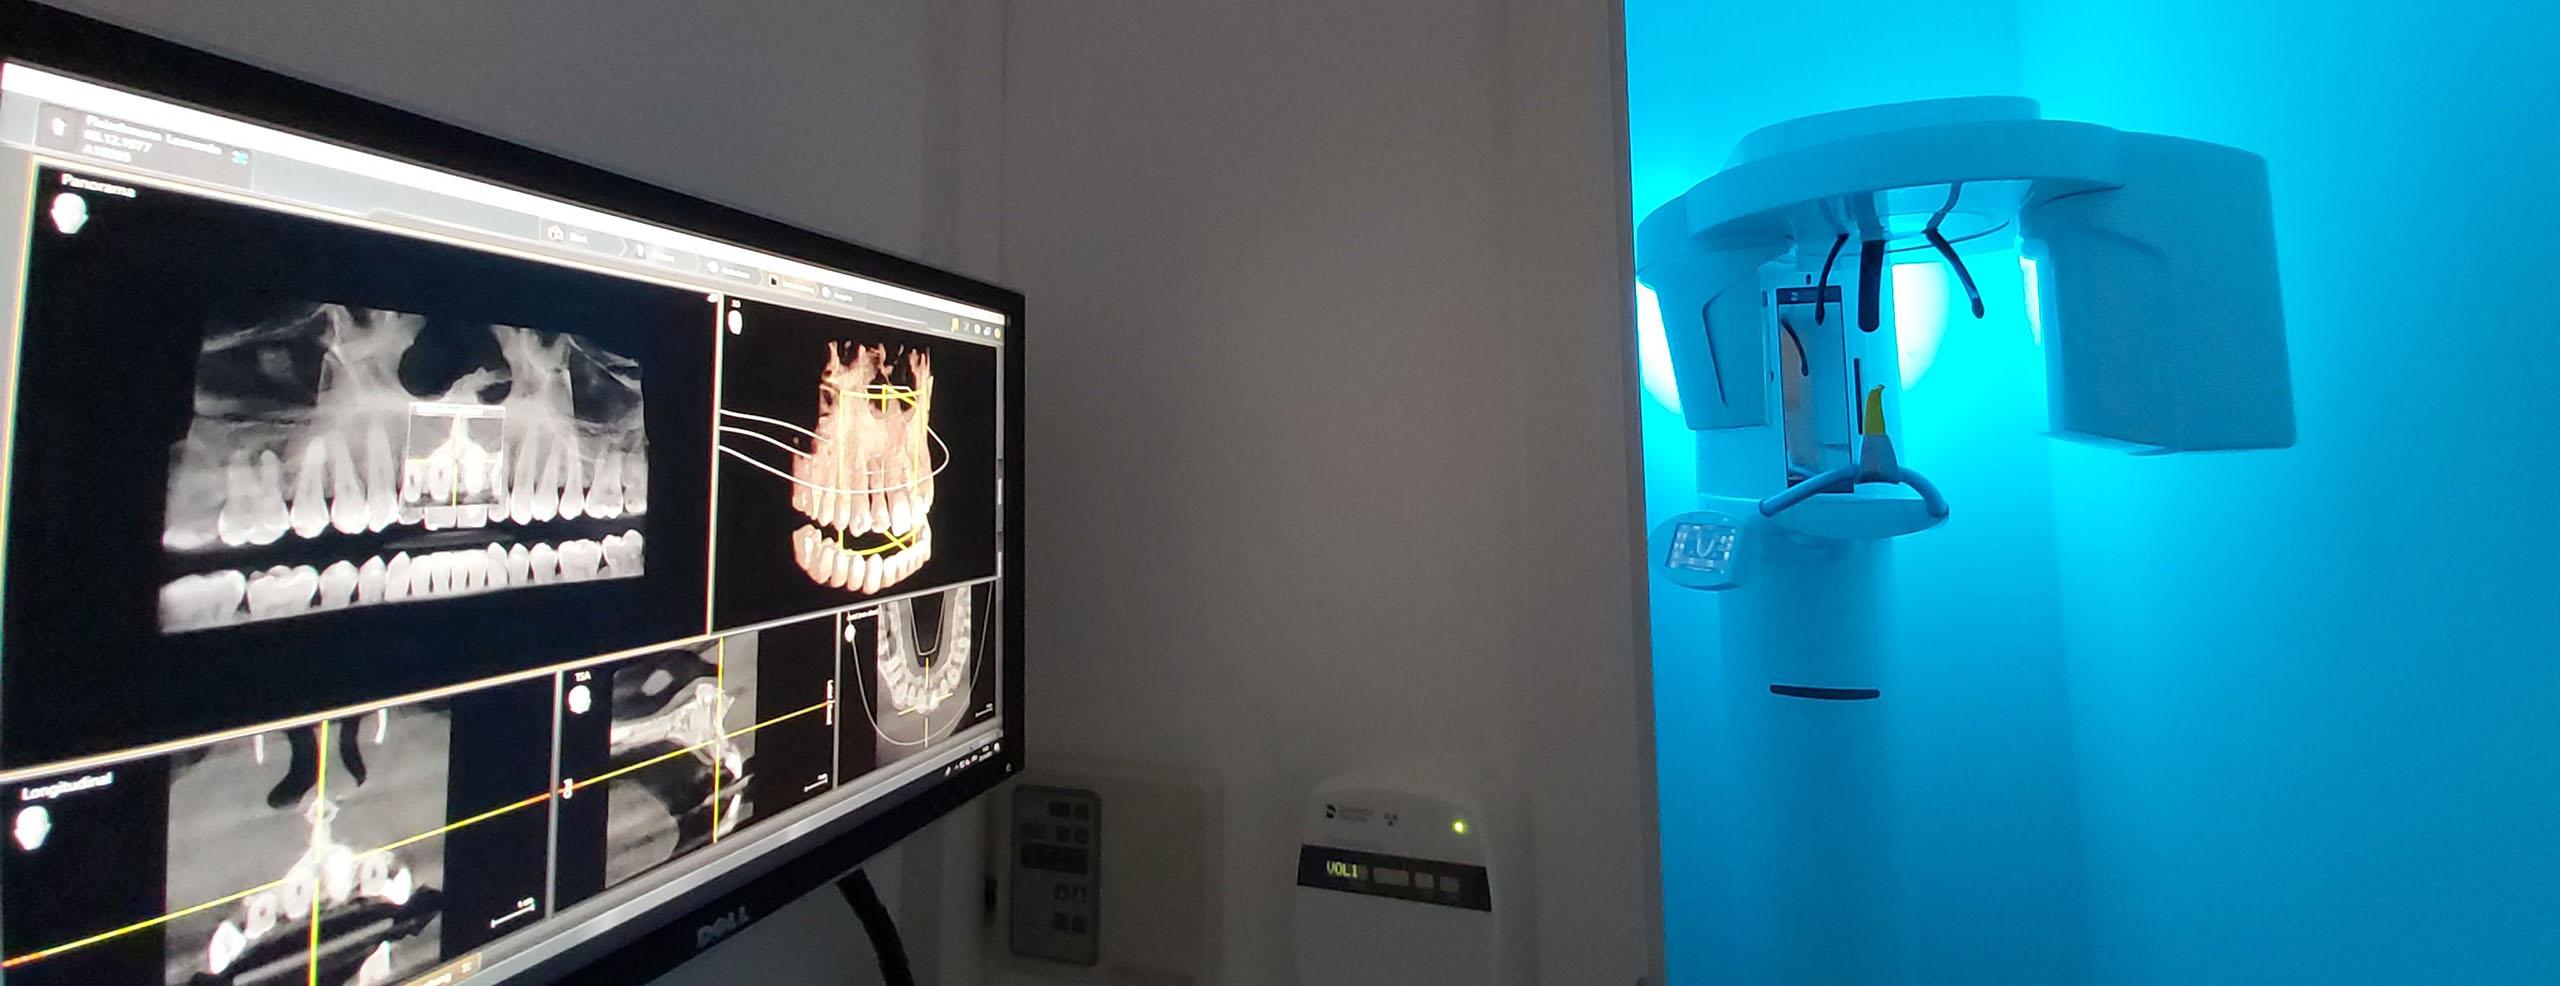 Röntgen